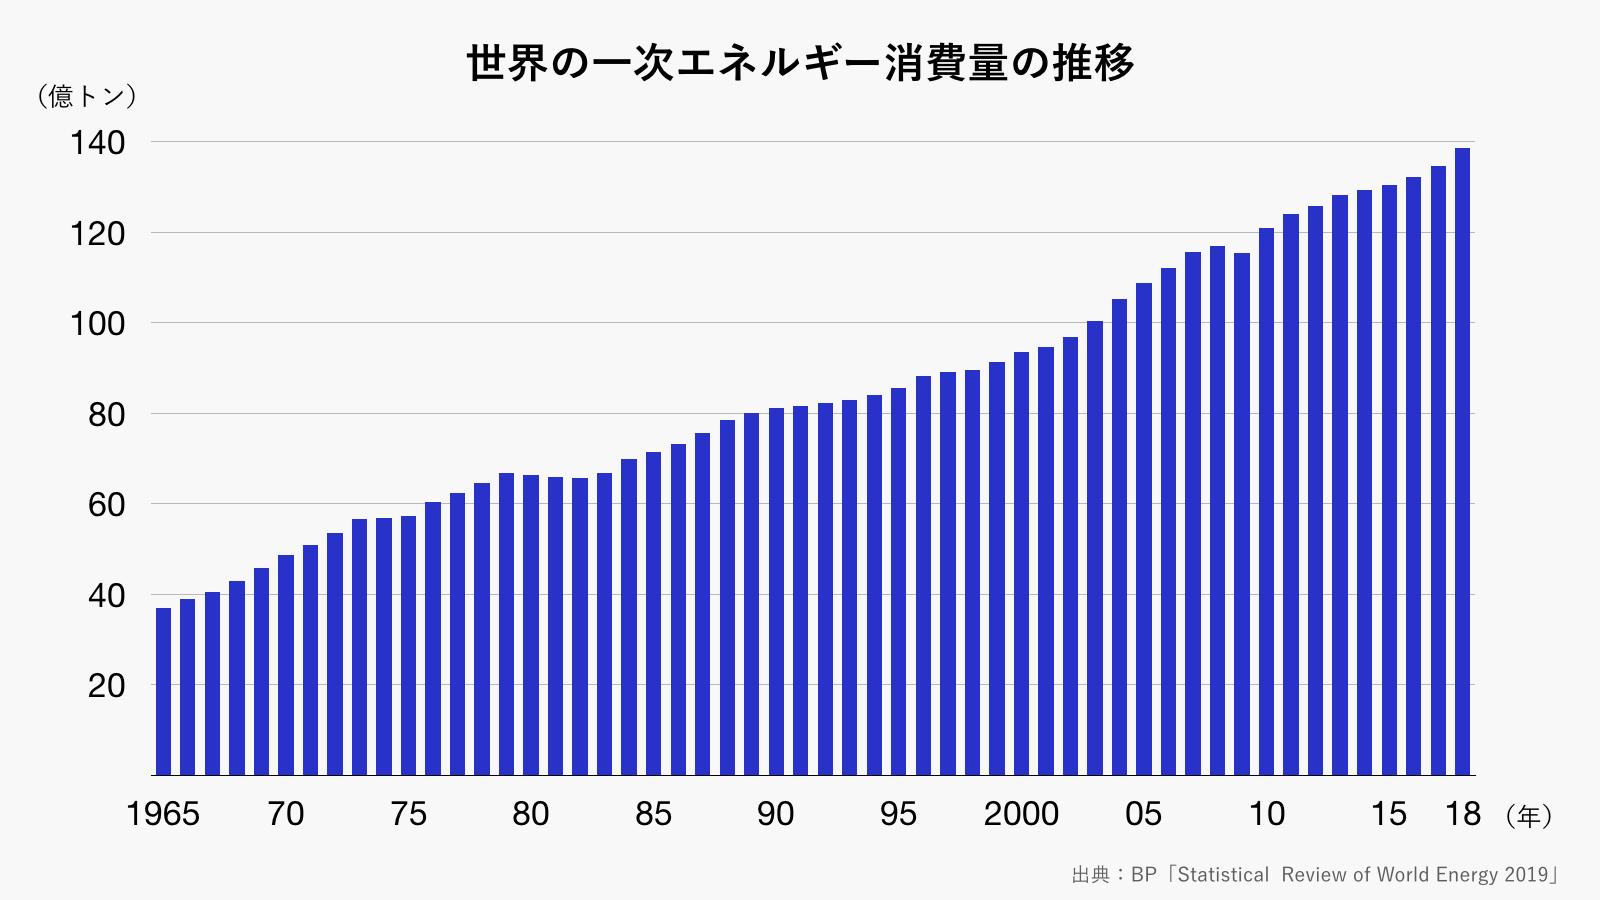 世界の一次エネルギー消費量の推移(グレー)